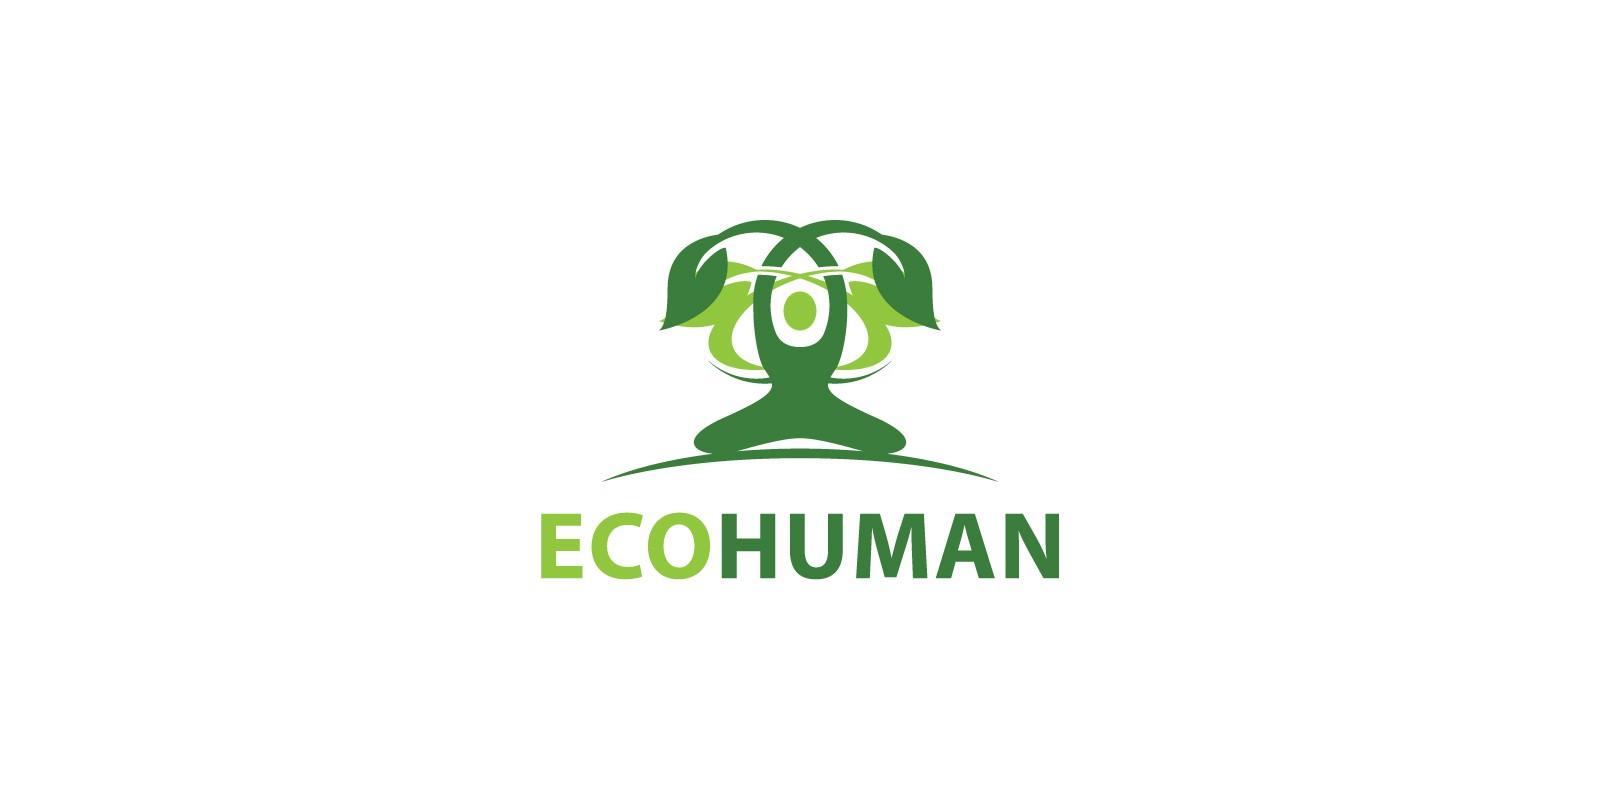 Eco Human